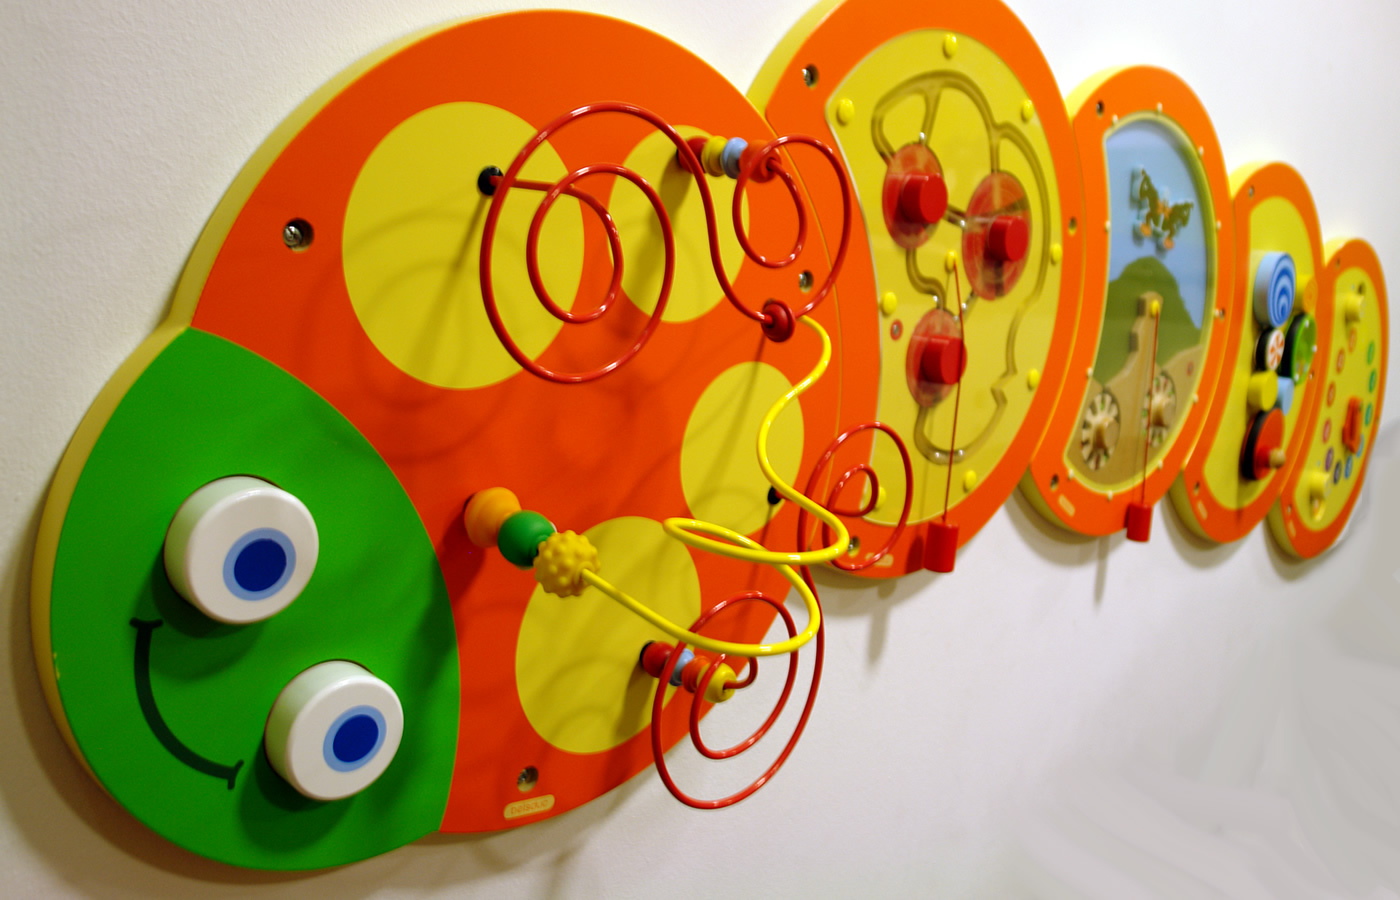 Familien und Kinder Raum - Spielzimmer - Erlebniszimmer für Kinder in Fiss, Österreich.